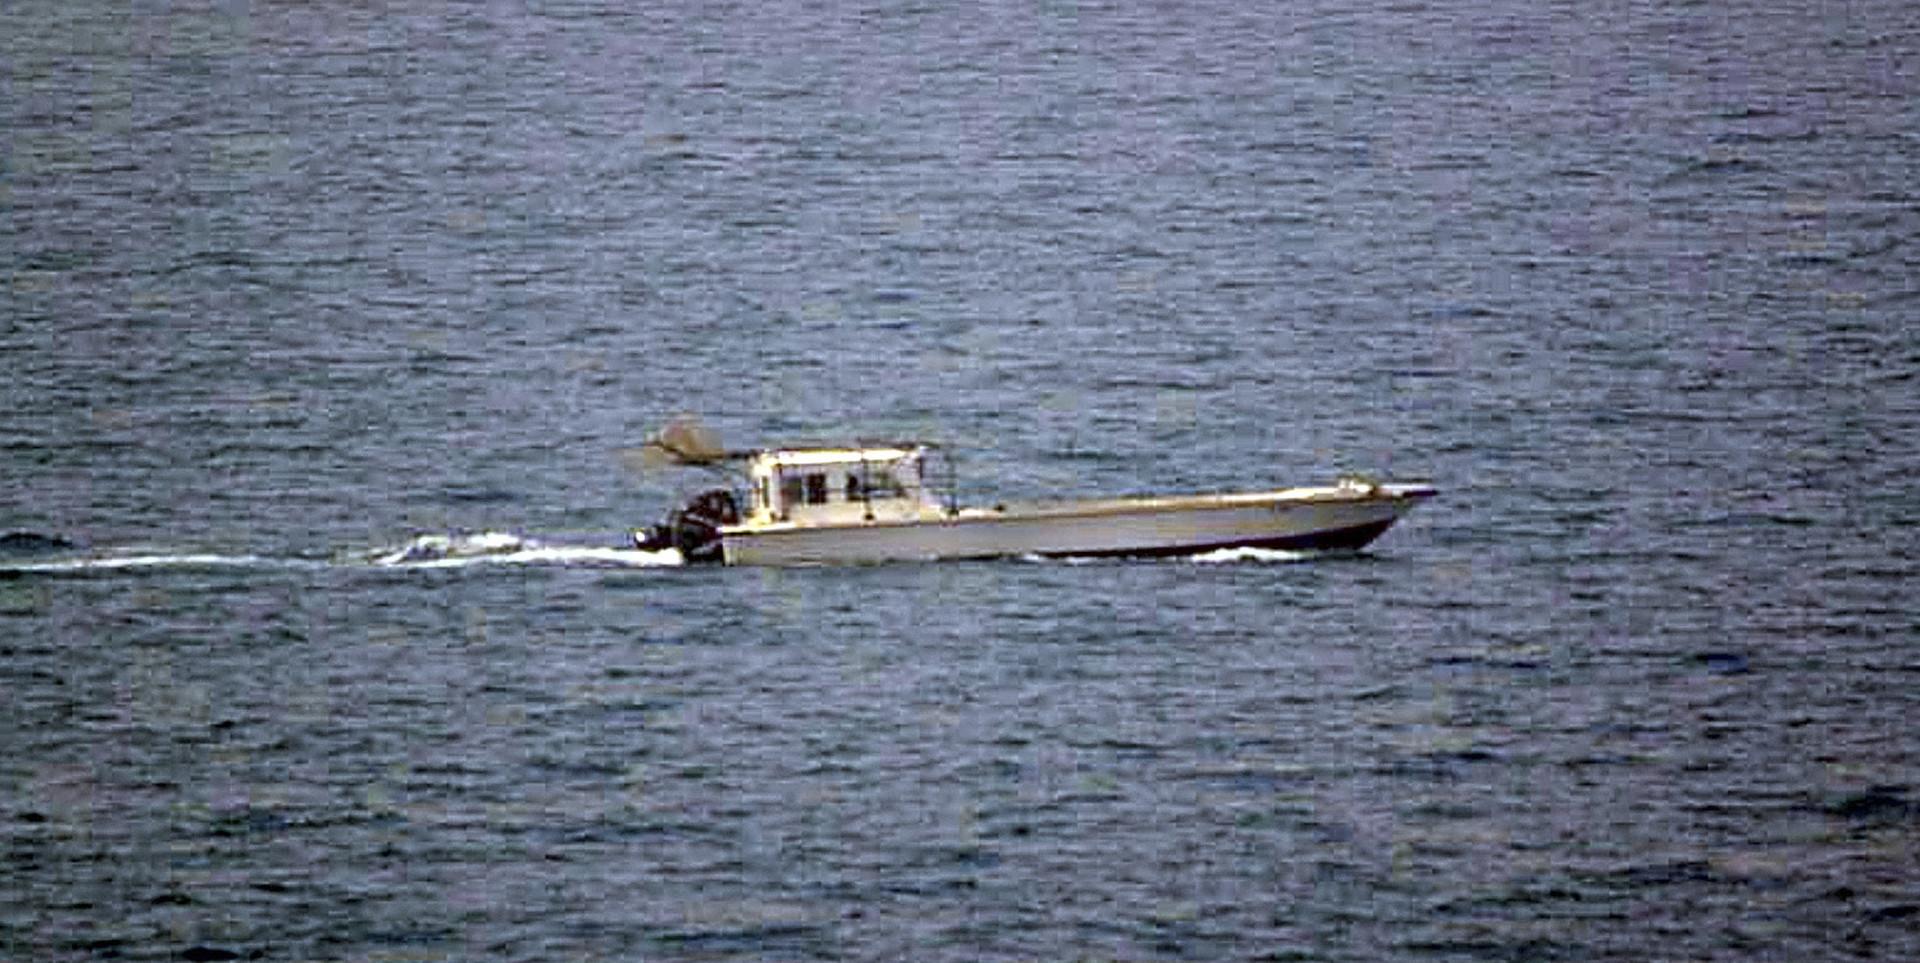 وفد من خفر السواحل الإماراتي يبحث في طهران التعاون الحدودي بين البلدين